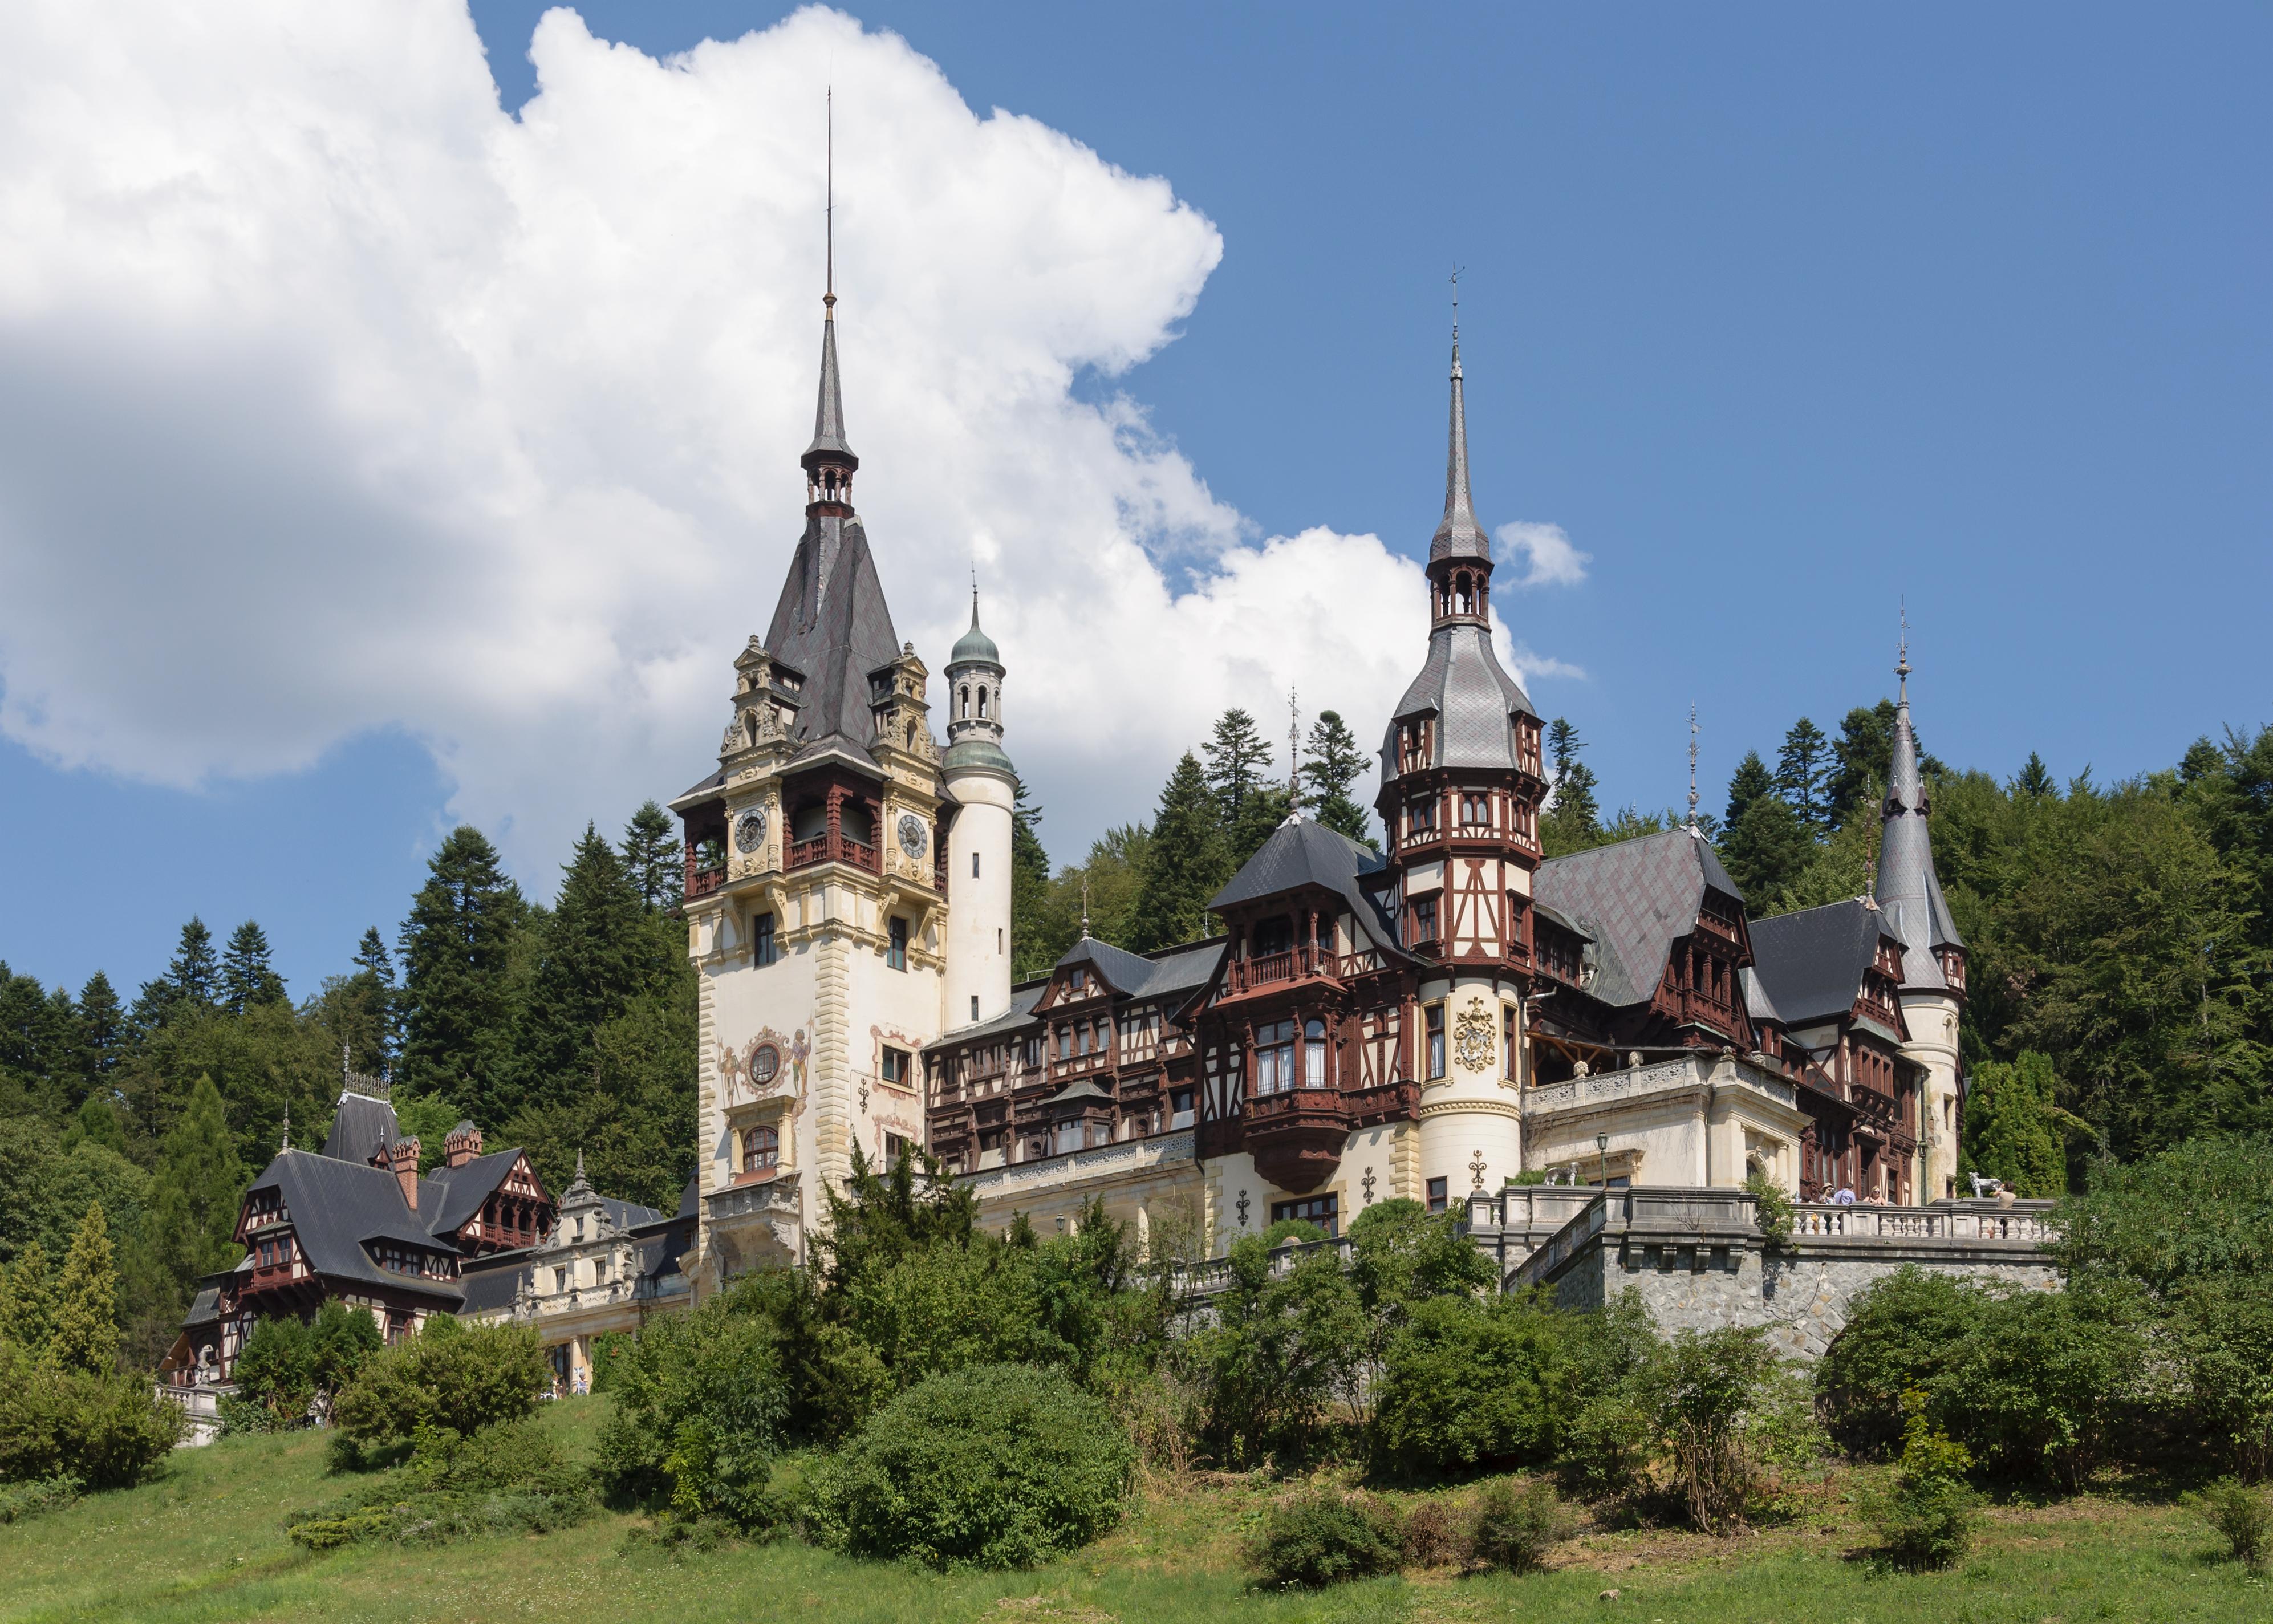 Ceremonie aniversară, la Castelul Peleș, cu ocazia împlinirii a 90 de ani de la proclamarea Majestății Sale Regelui Mihai I ca rege al României.